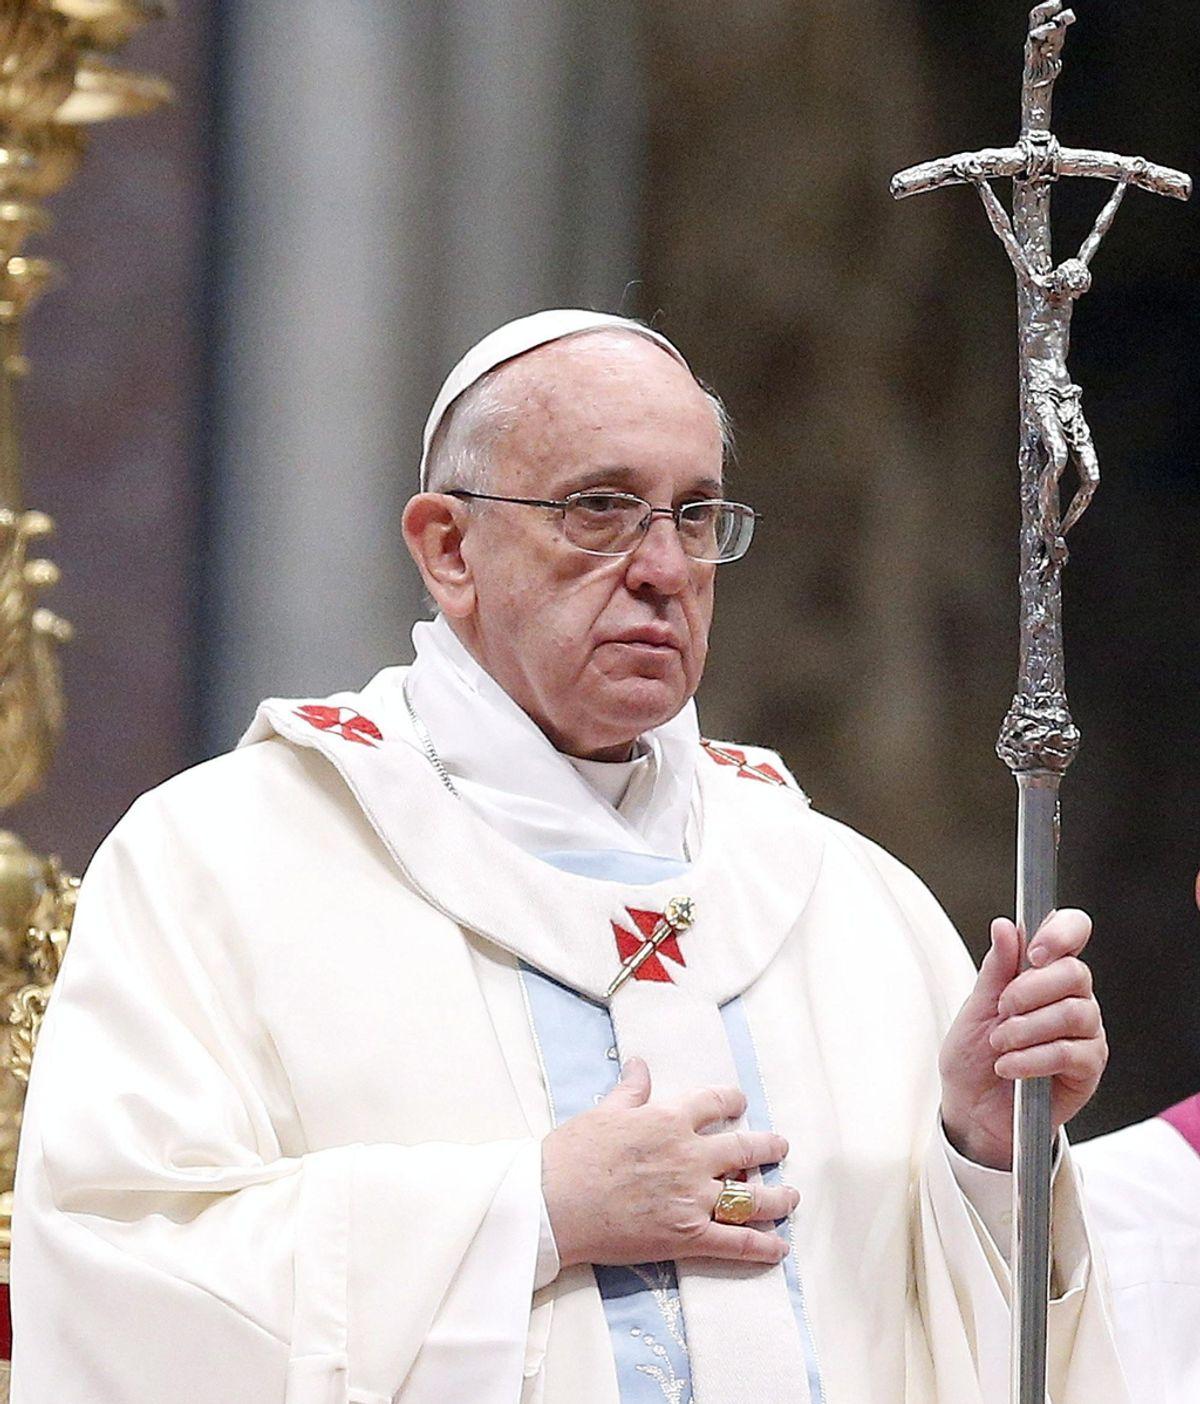 El Papa celebra la misa de la Jornada Mundial de la Paz